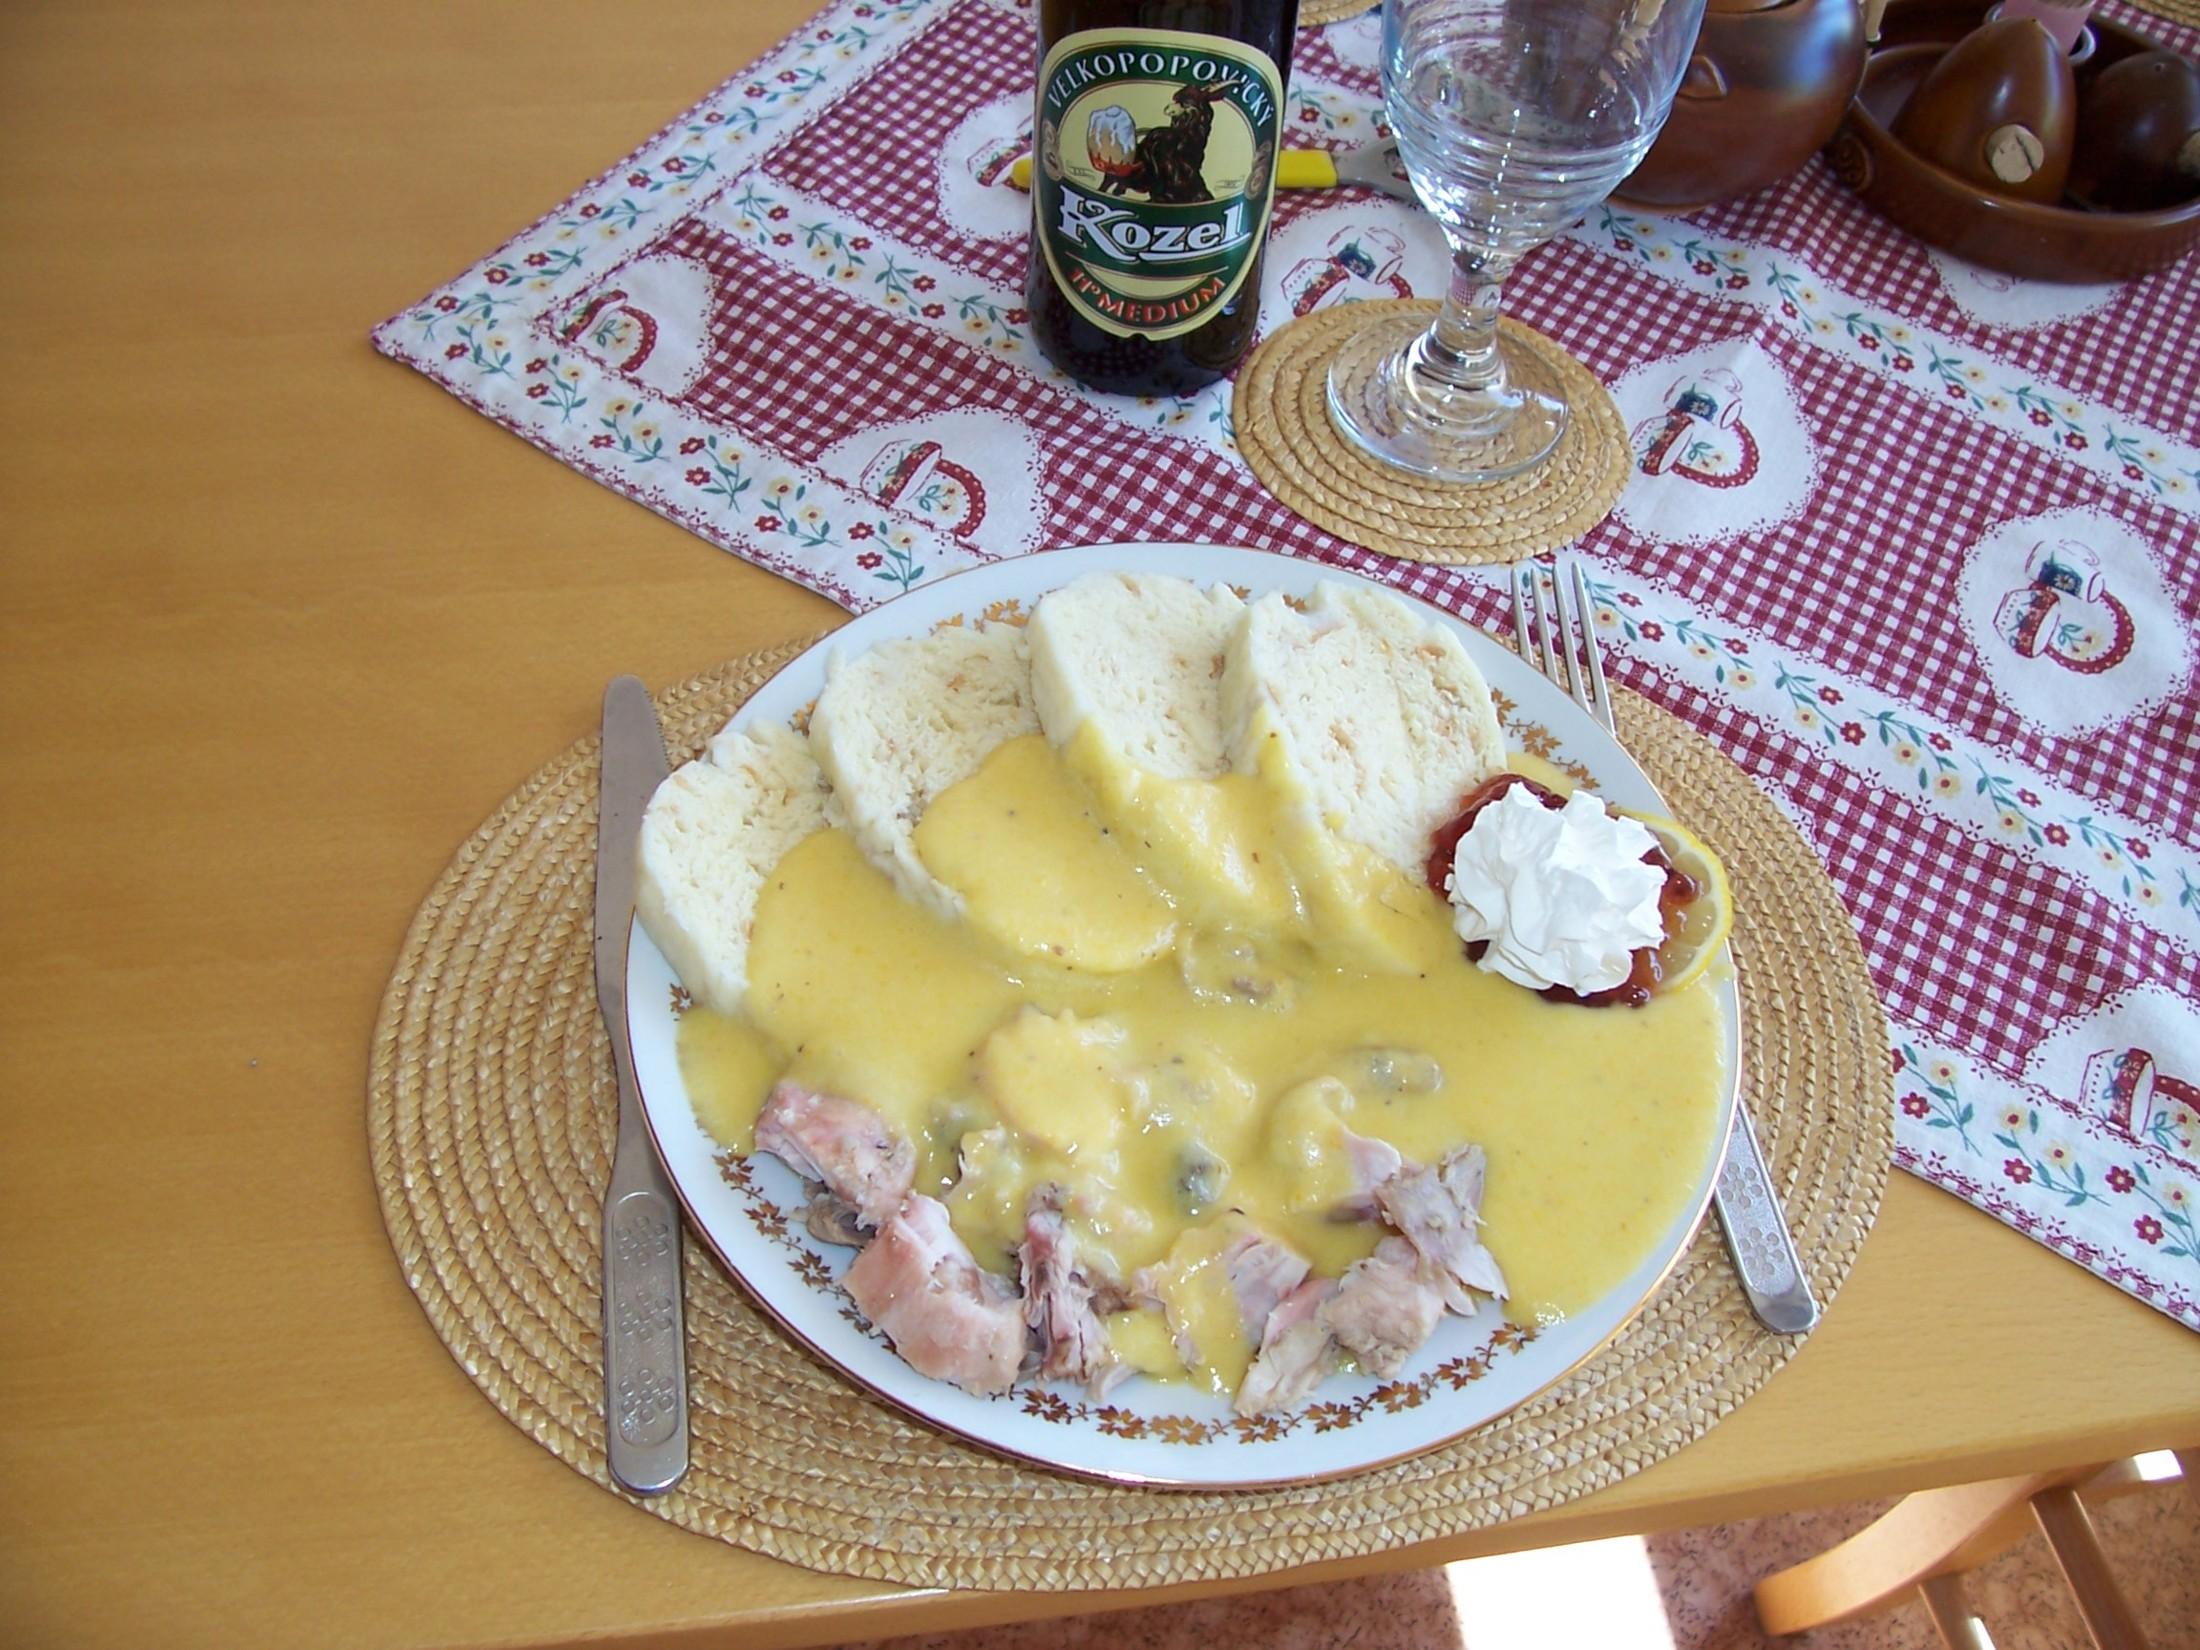 Recept Svíčková z králíka - Svíčková z králičího masa s knedlíkem.